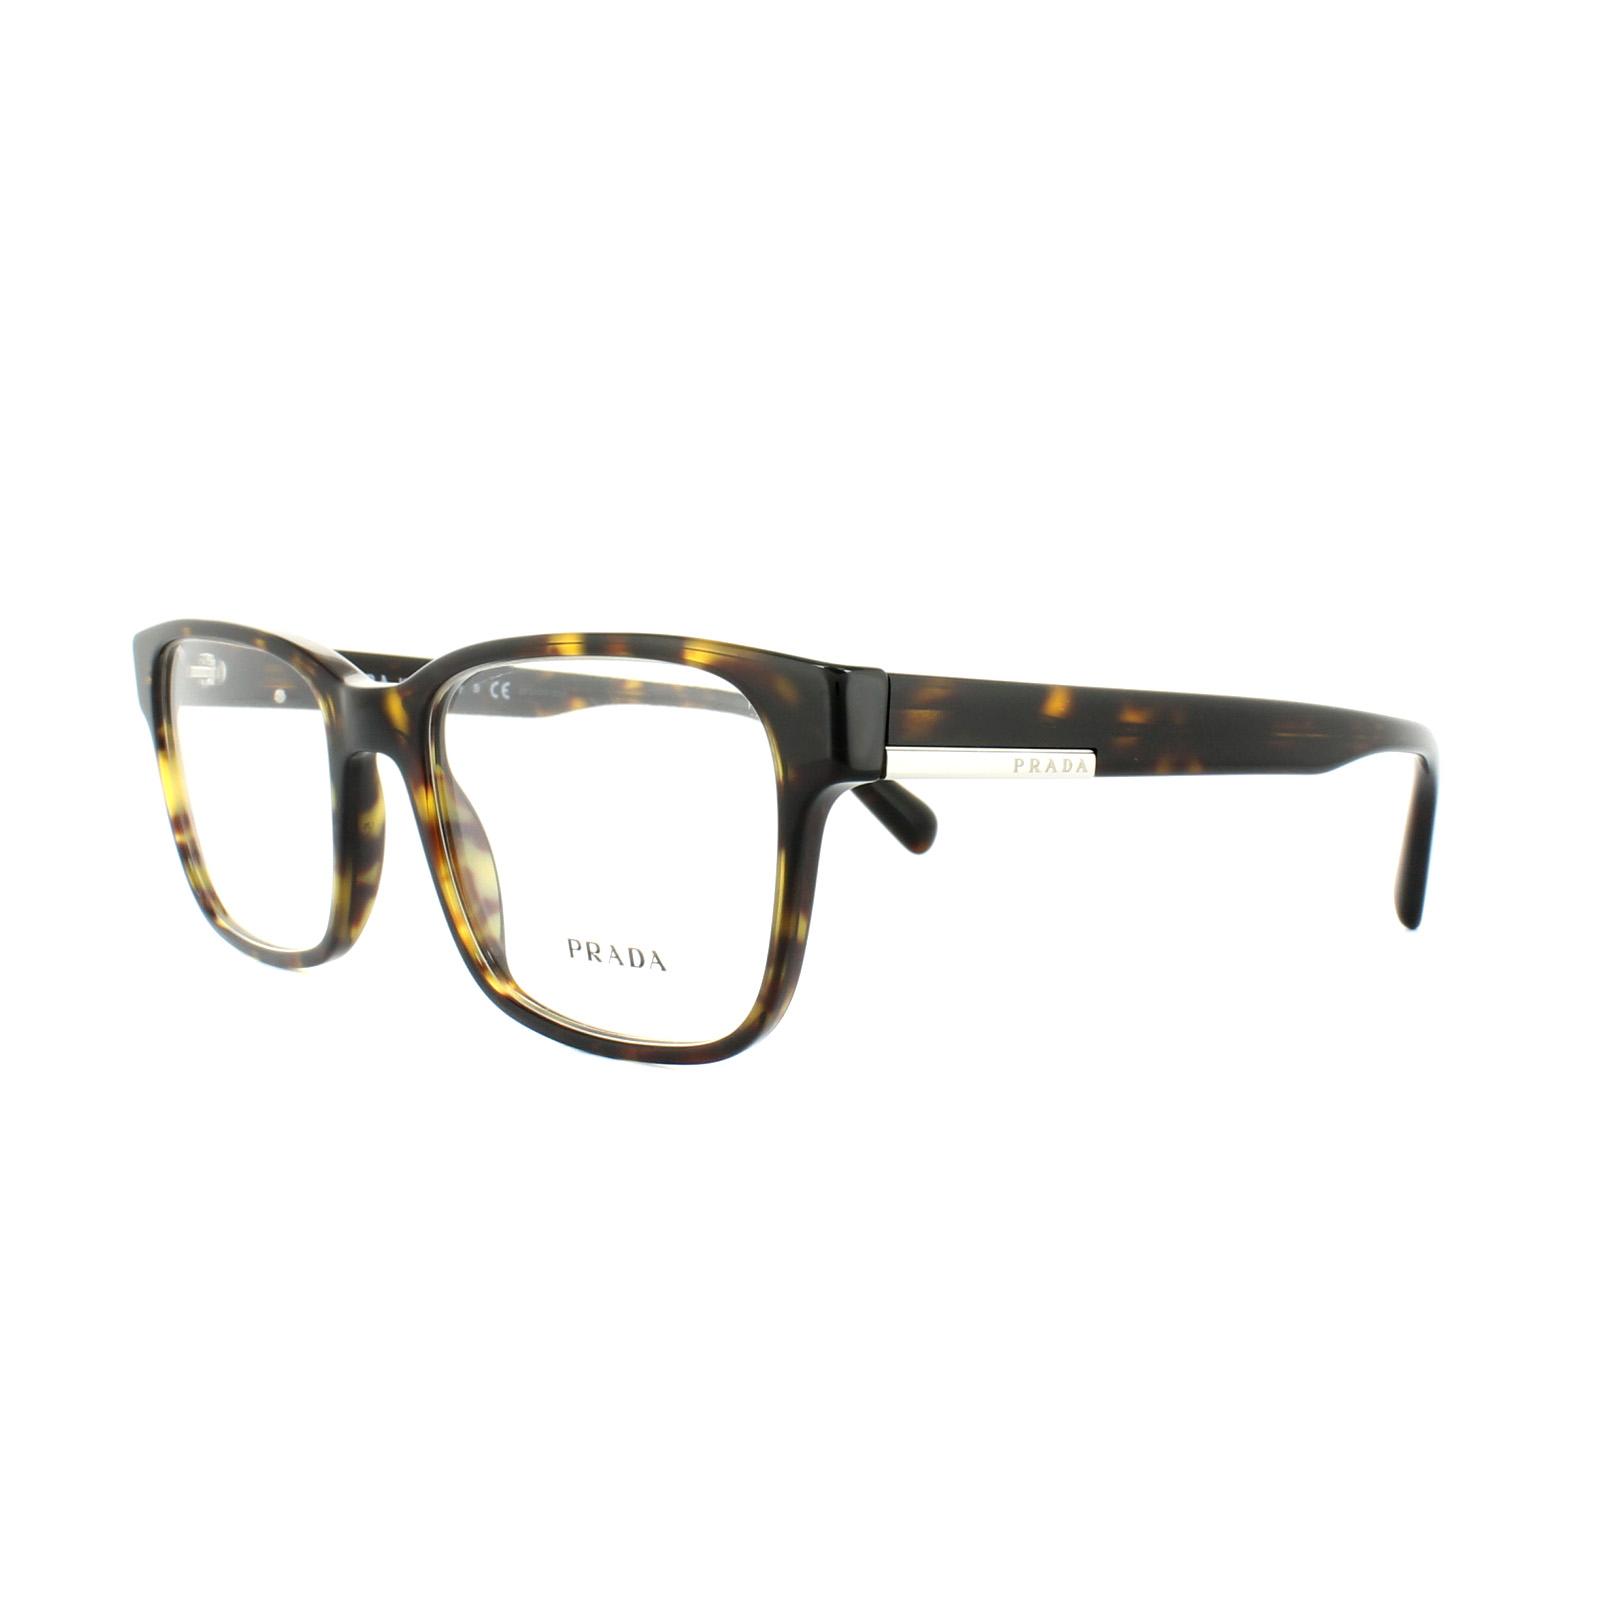 8d79bc177a Prada Glasses Frames PR 06UV 2AU1O1 Havana Mens 52mm 8053672781083 ...